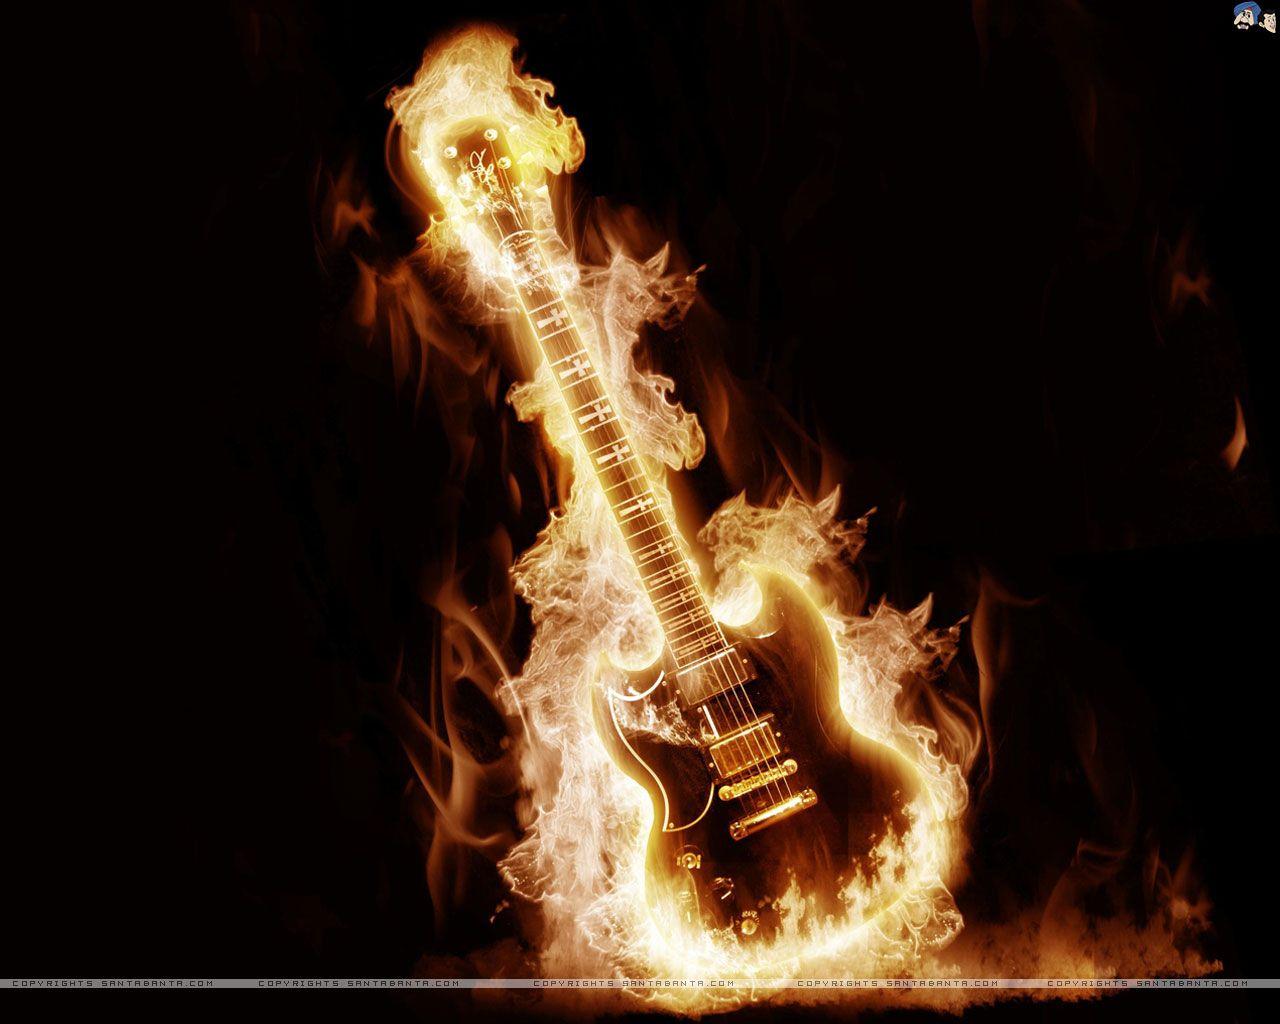 Download Wallpaper Music Fire - 3260250636df24c9a41a565a2a71c867  HD_67726.jpg